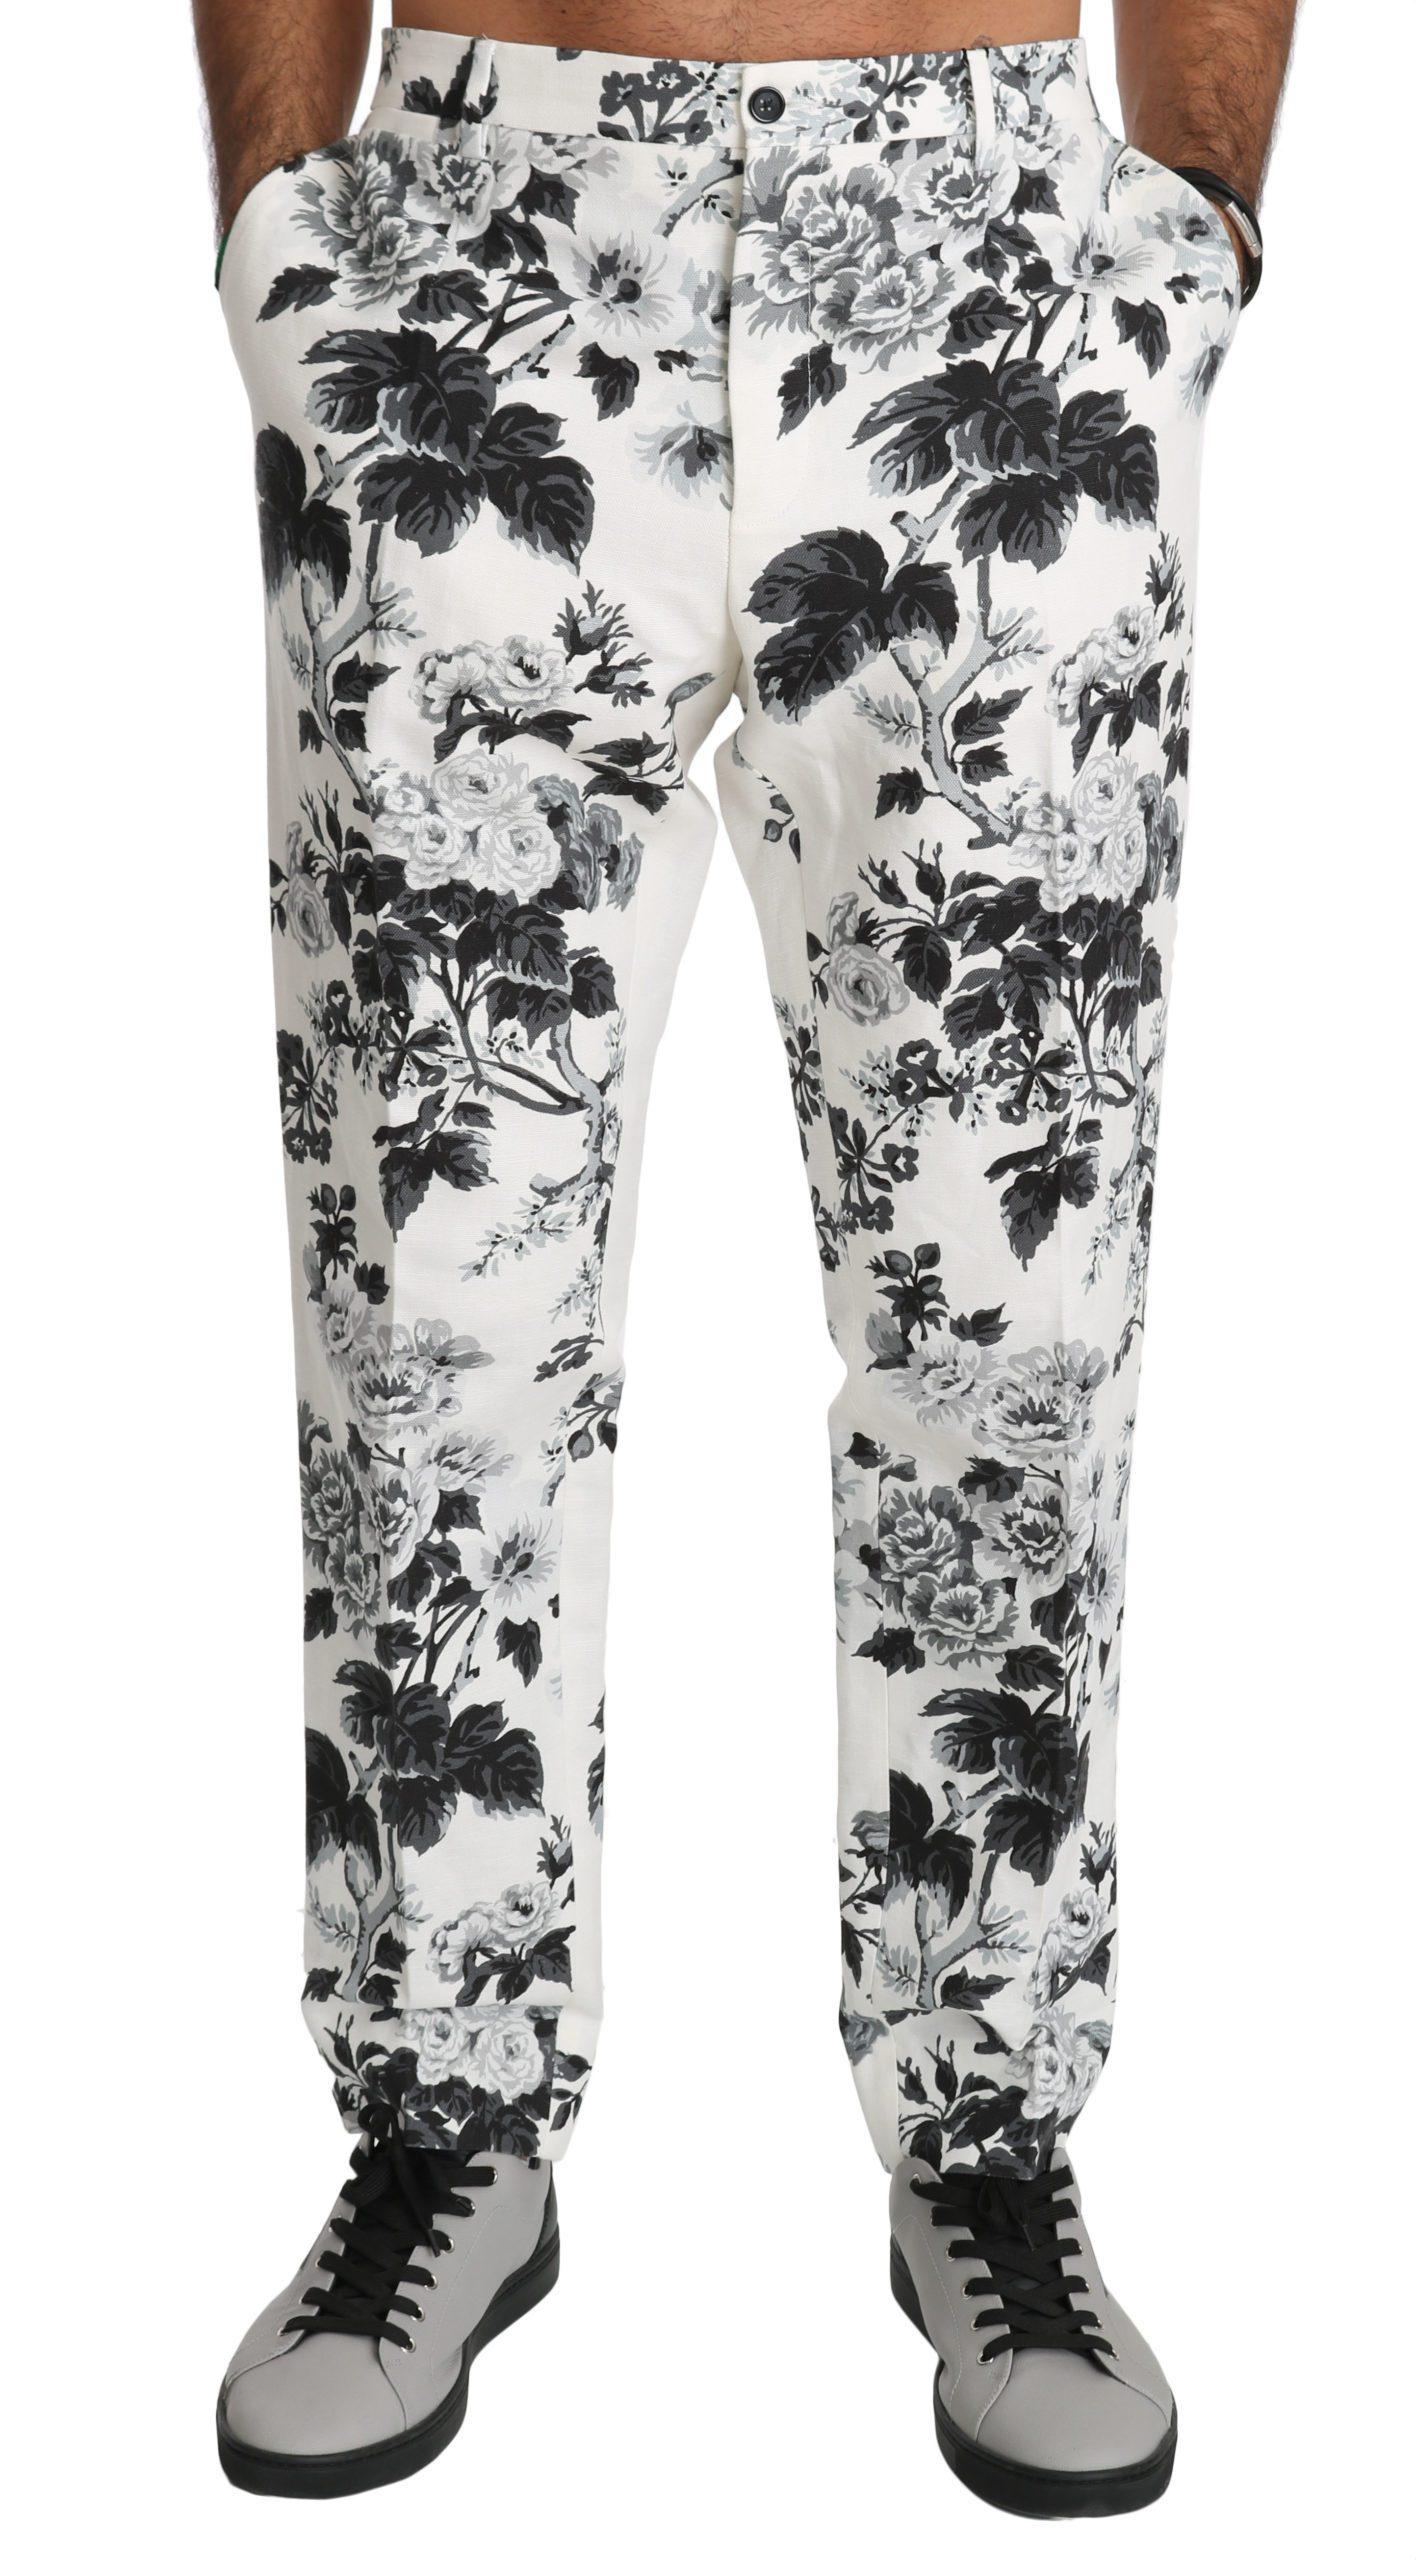 Dolce & Gabbana Men's Floral Slim Casual Trouser White PAN70791 - IT44   XS